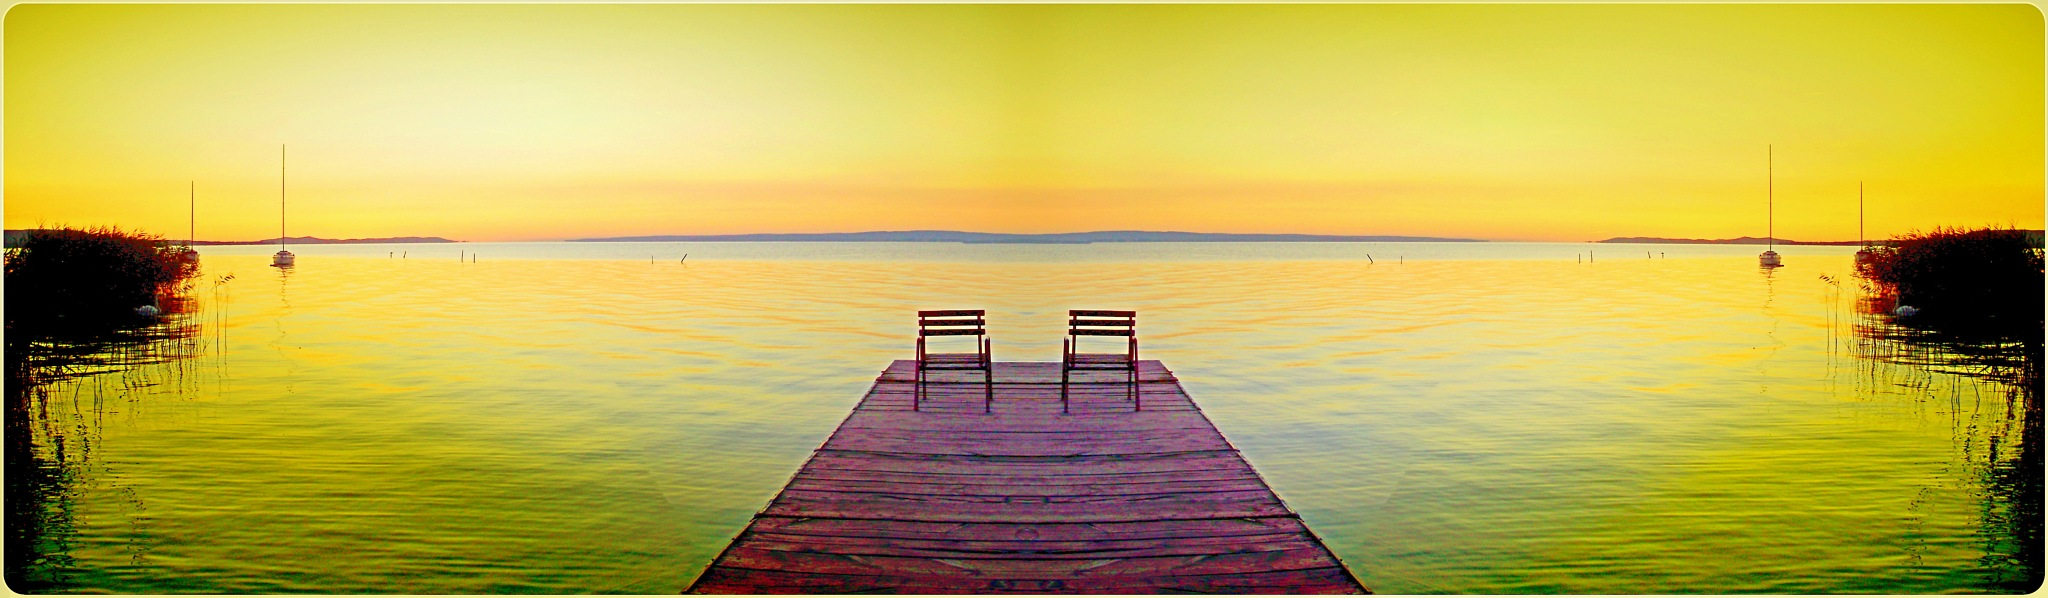 Panoramio : ENDE *First Prize _ March 2012 Symmetry _ Hajnalodik jobbról is , balról is... Dawn as w by Imre Lakat